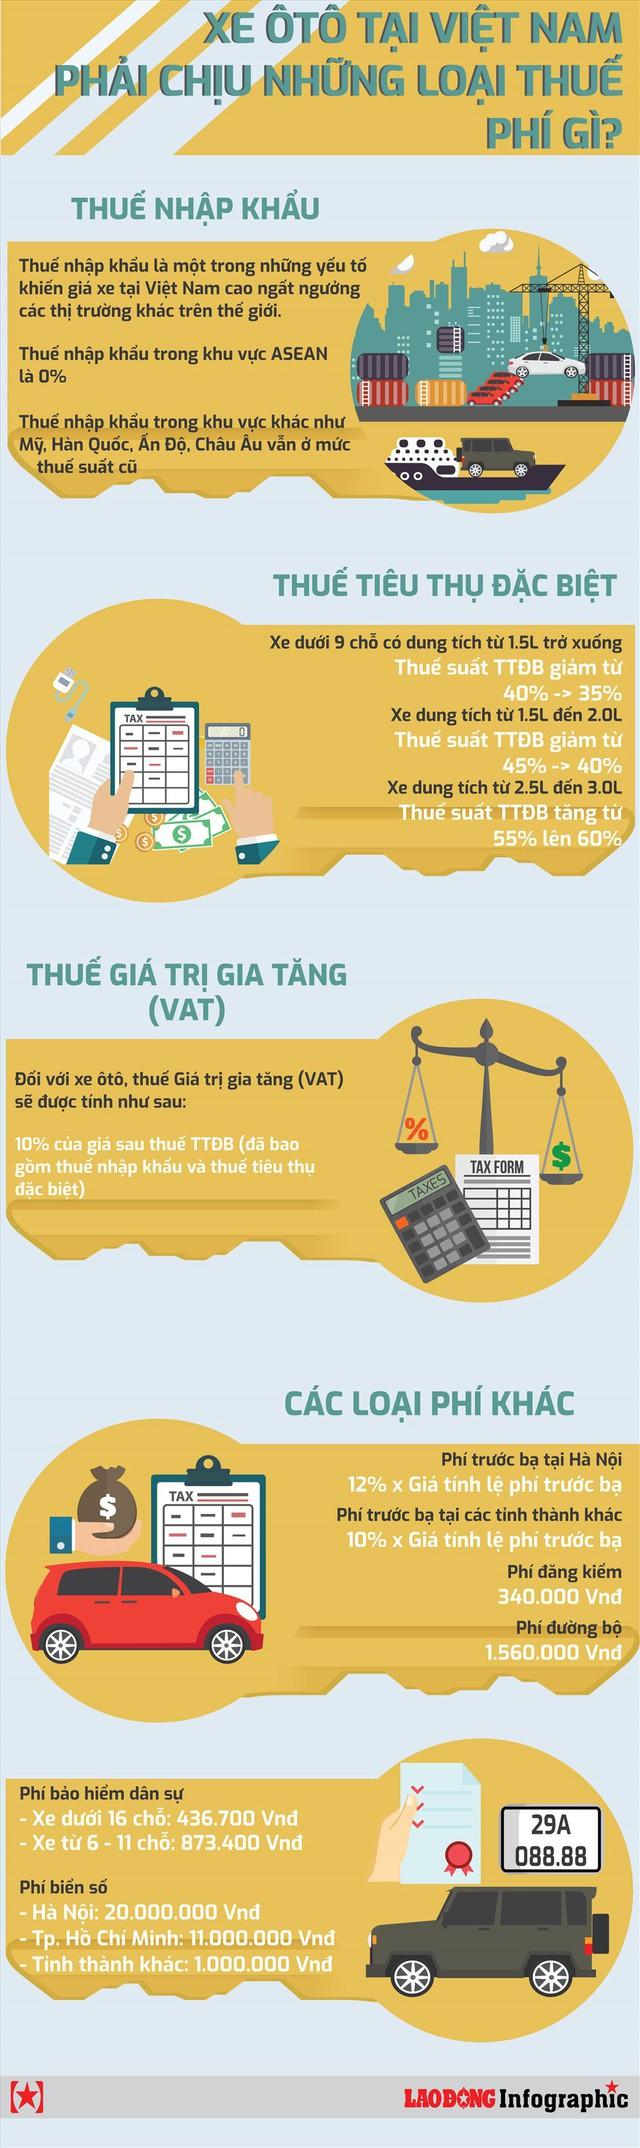 Infographic: Ôtô tại Việt Nam phải gánh những loại thuế phí gì? - Ảnh 1.